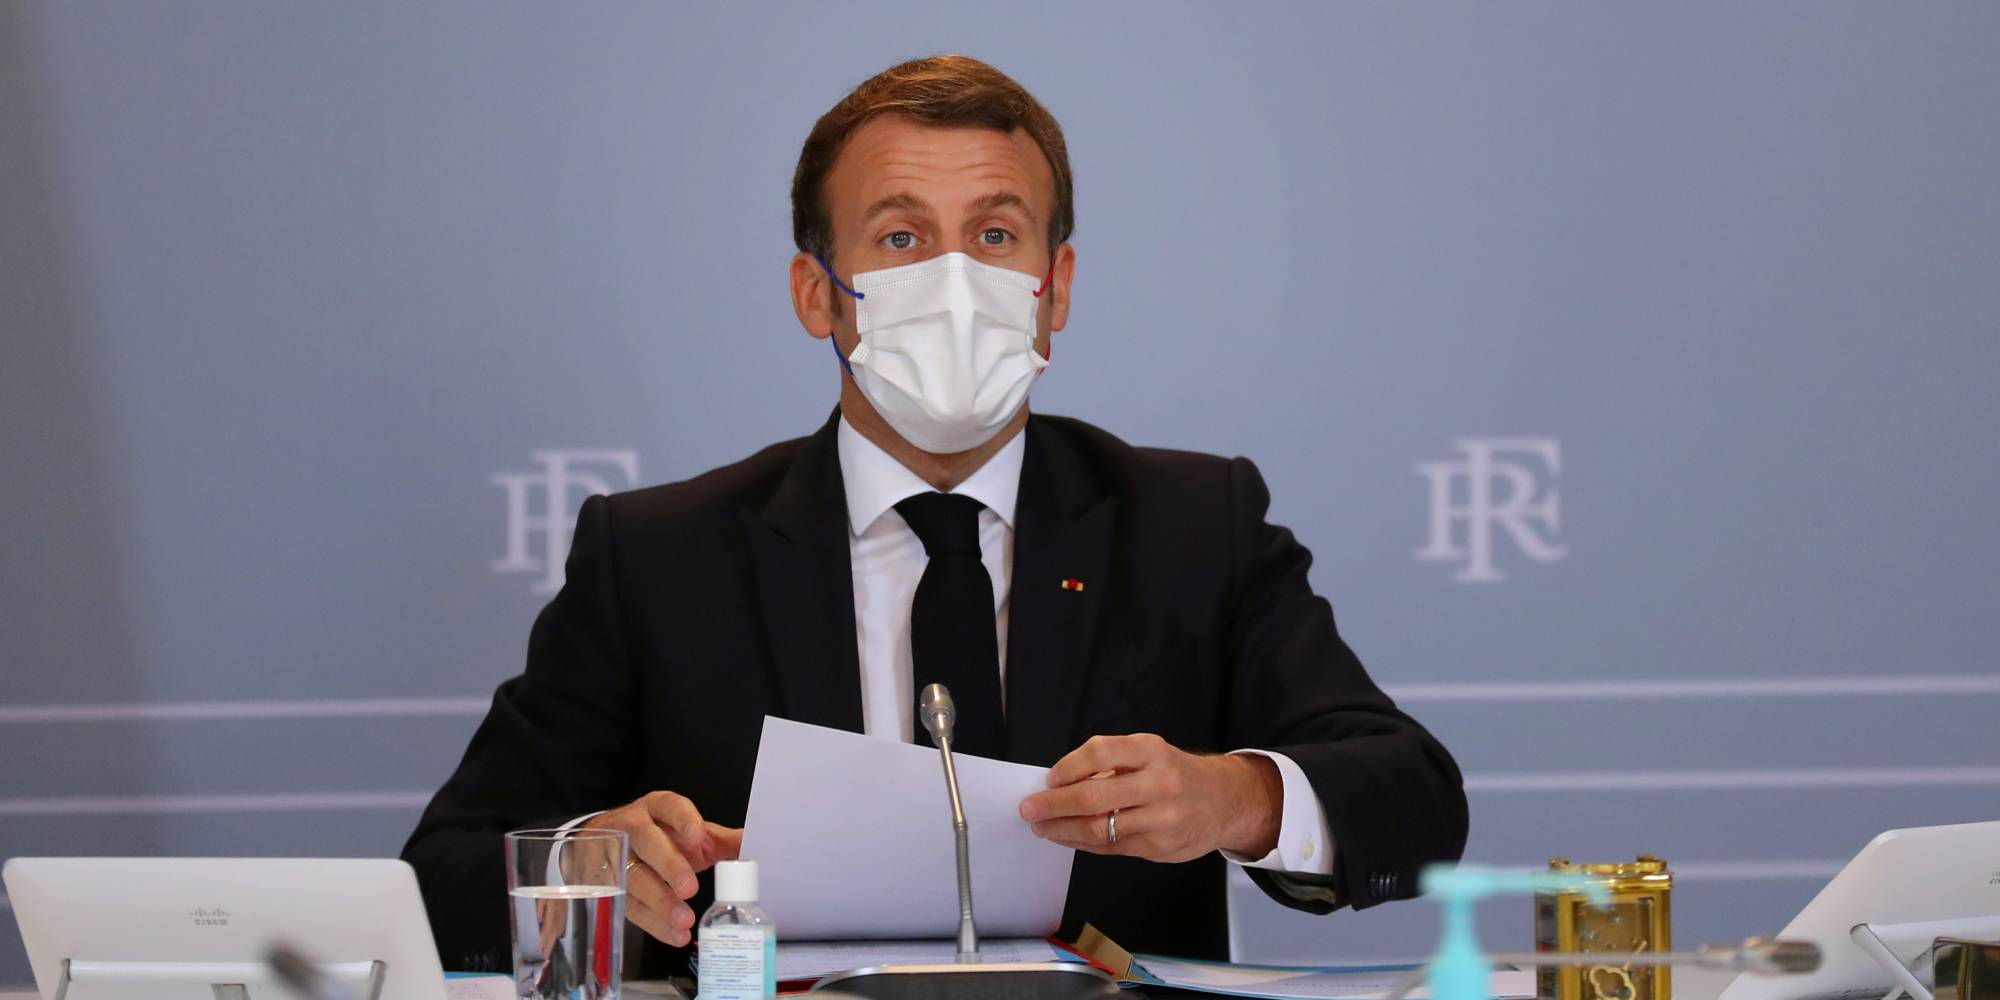 Covid 19 Ce Que Les Discours Et Allocutions D Emmanuel Macron Revelent De Sa Gestion De Crise